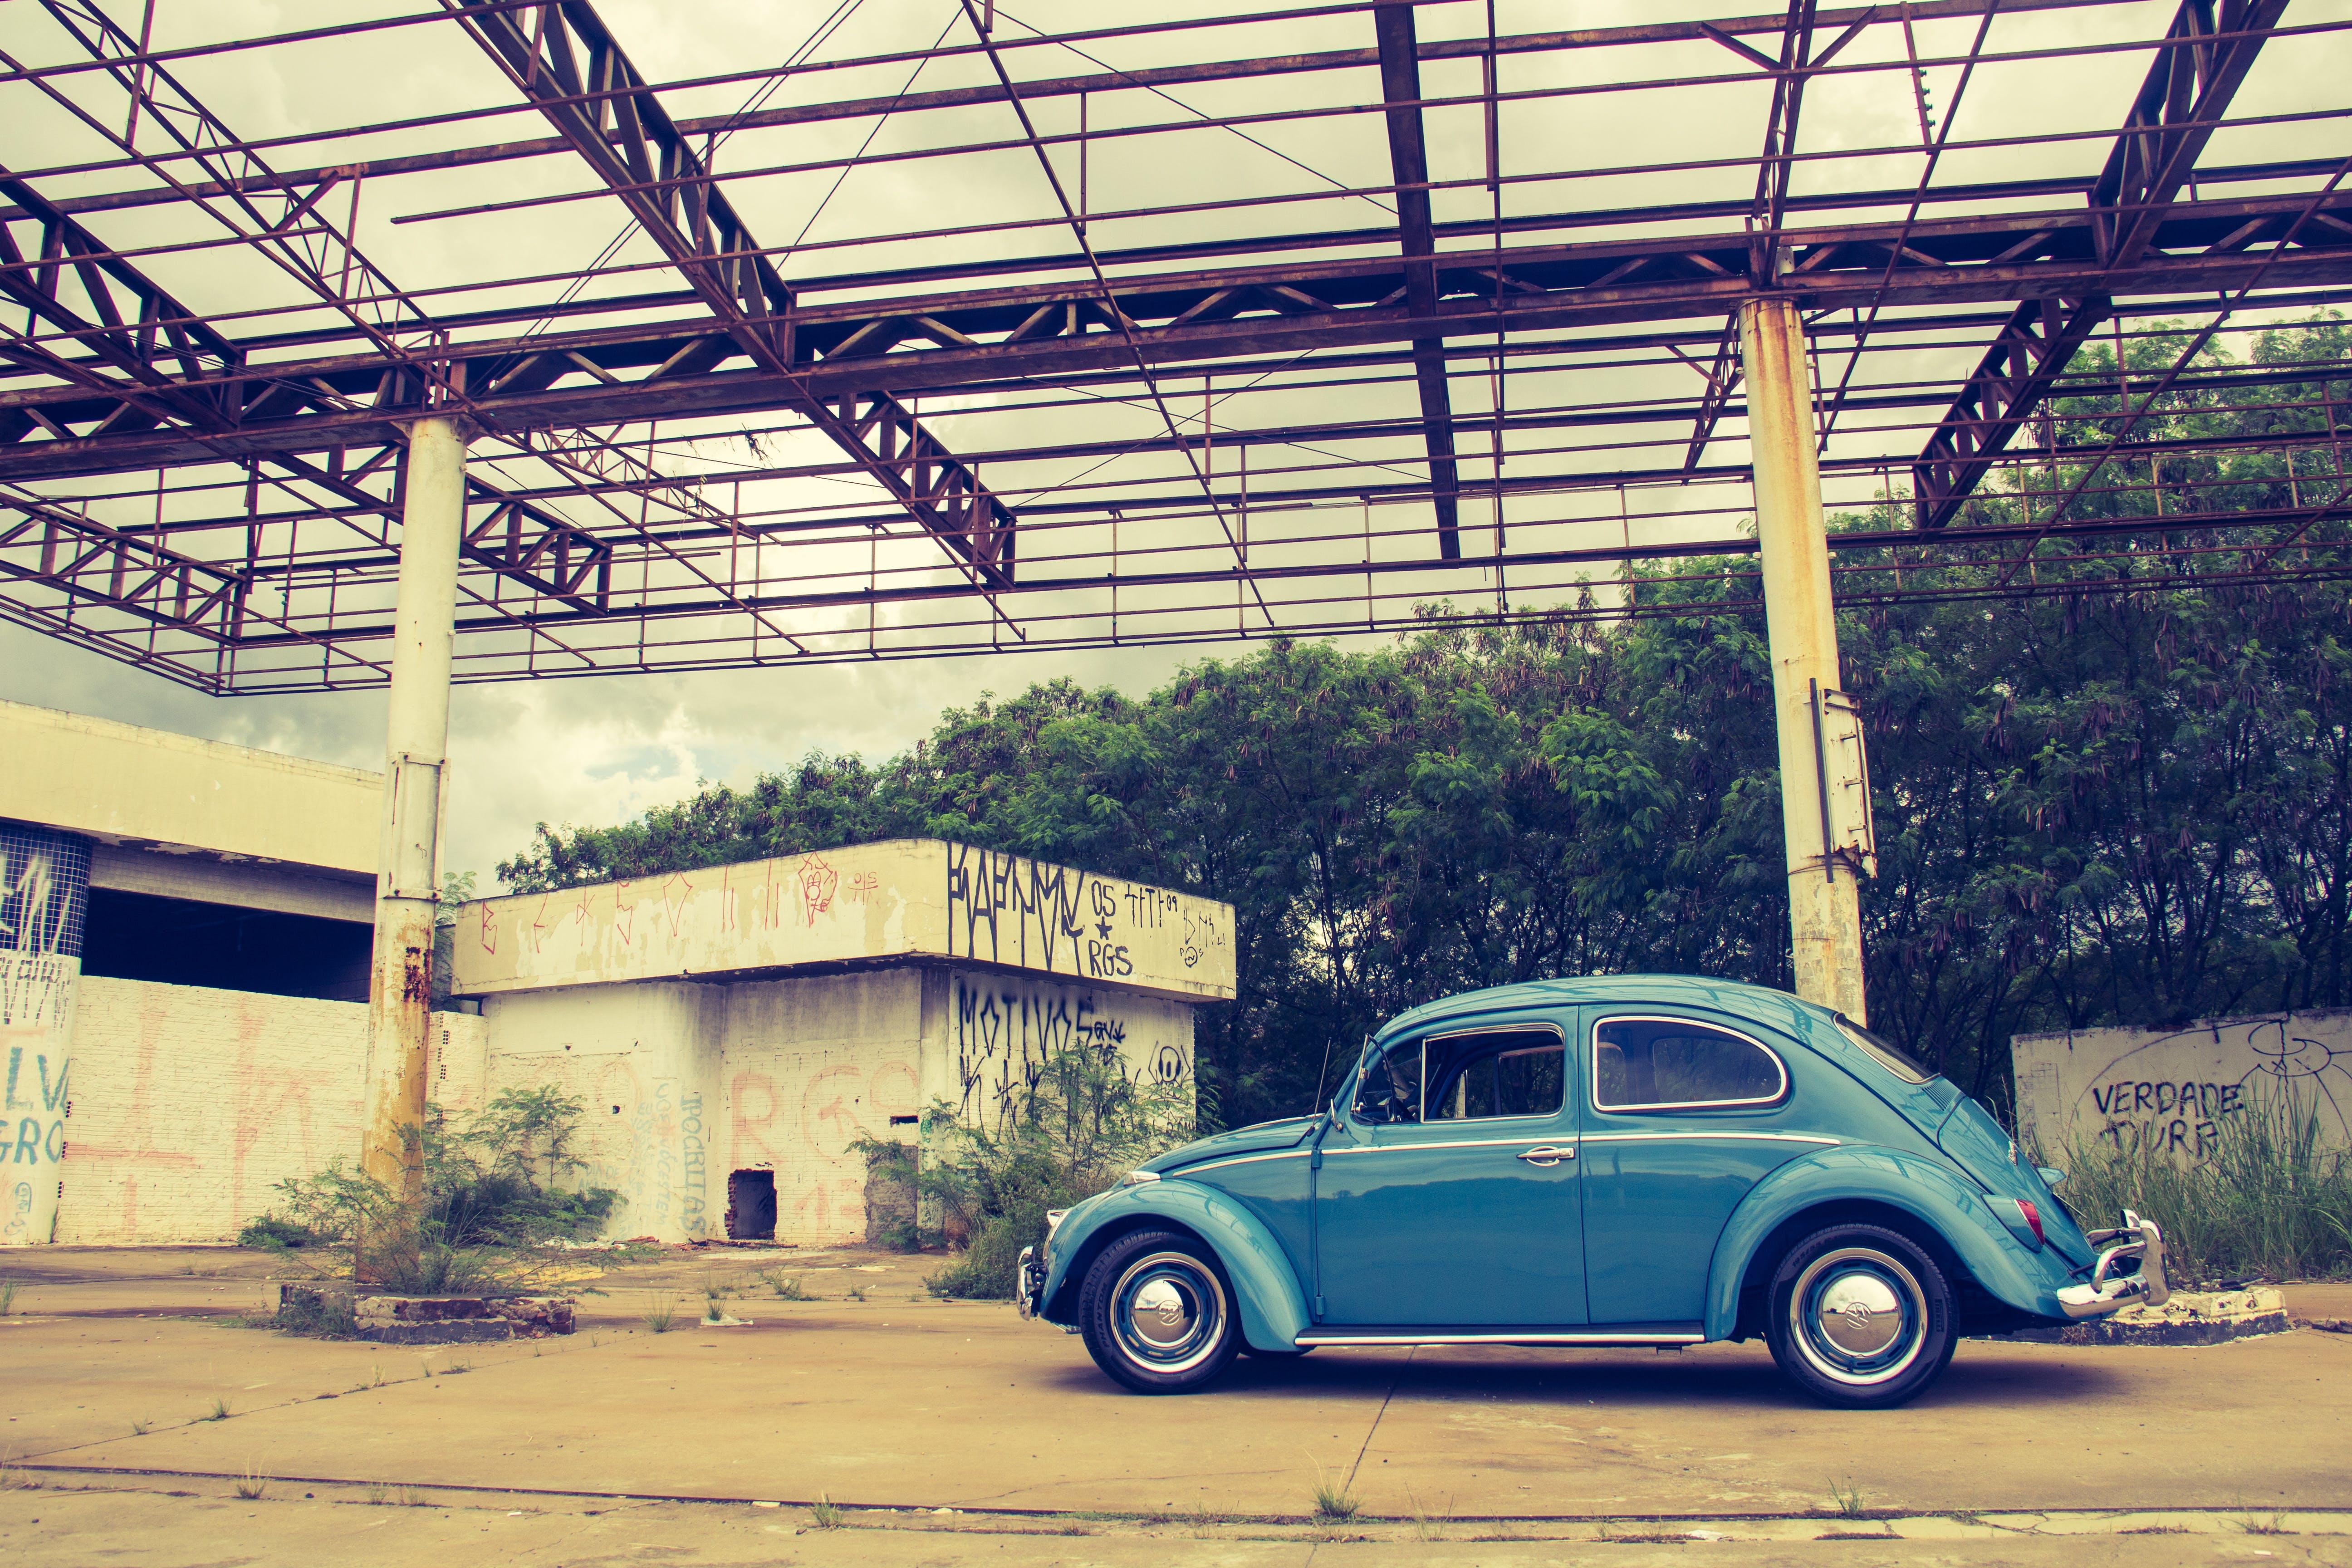 Blue Volkswagen Beetle in Front of Building